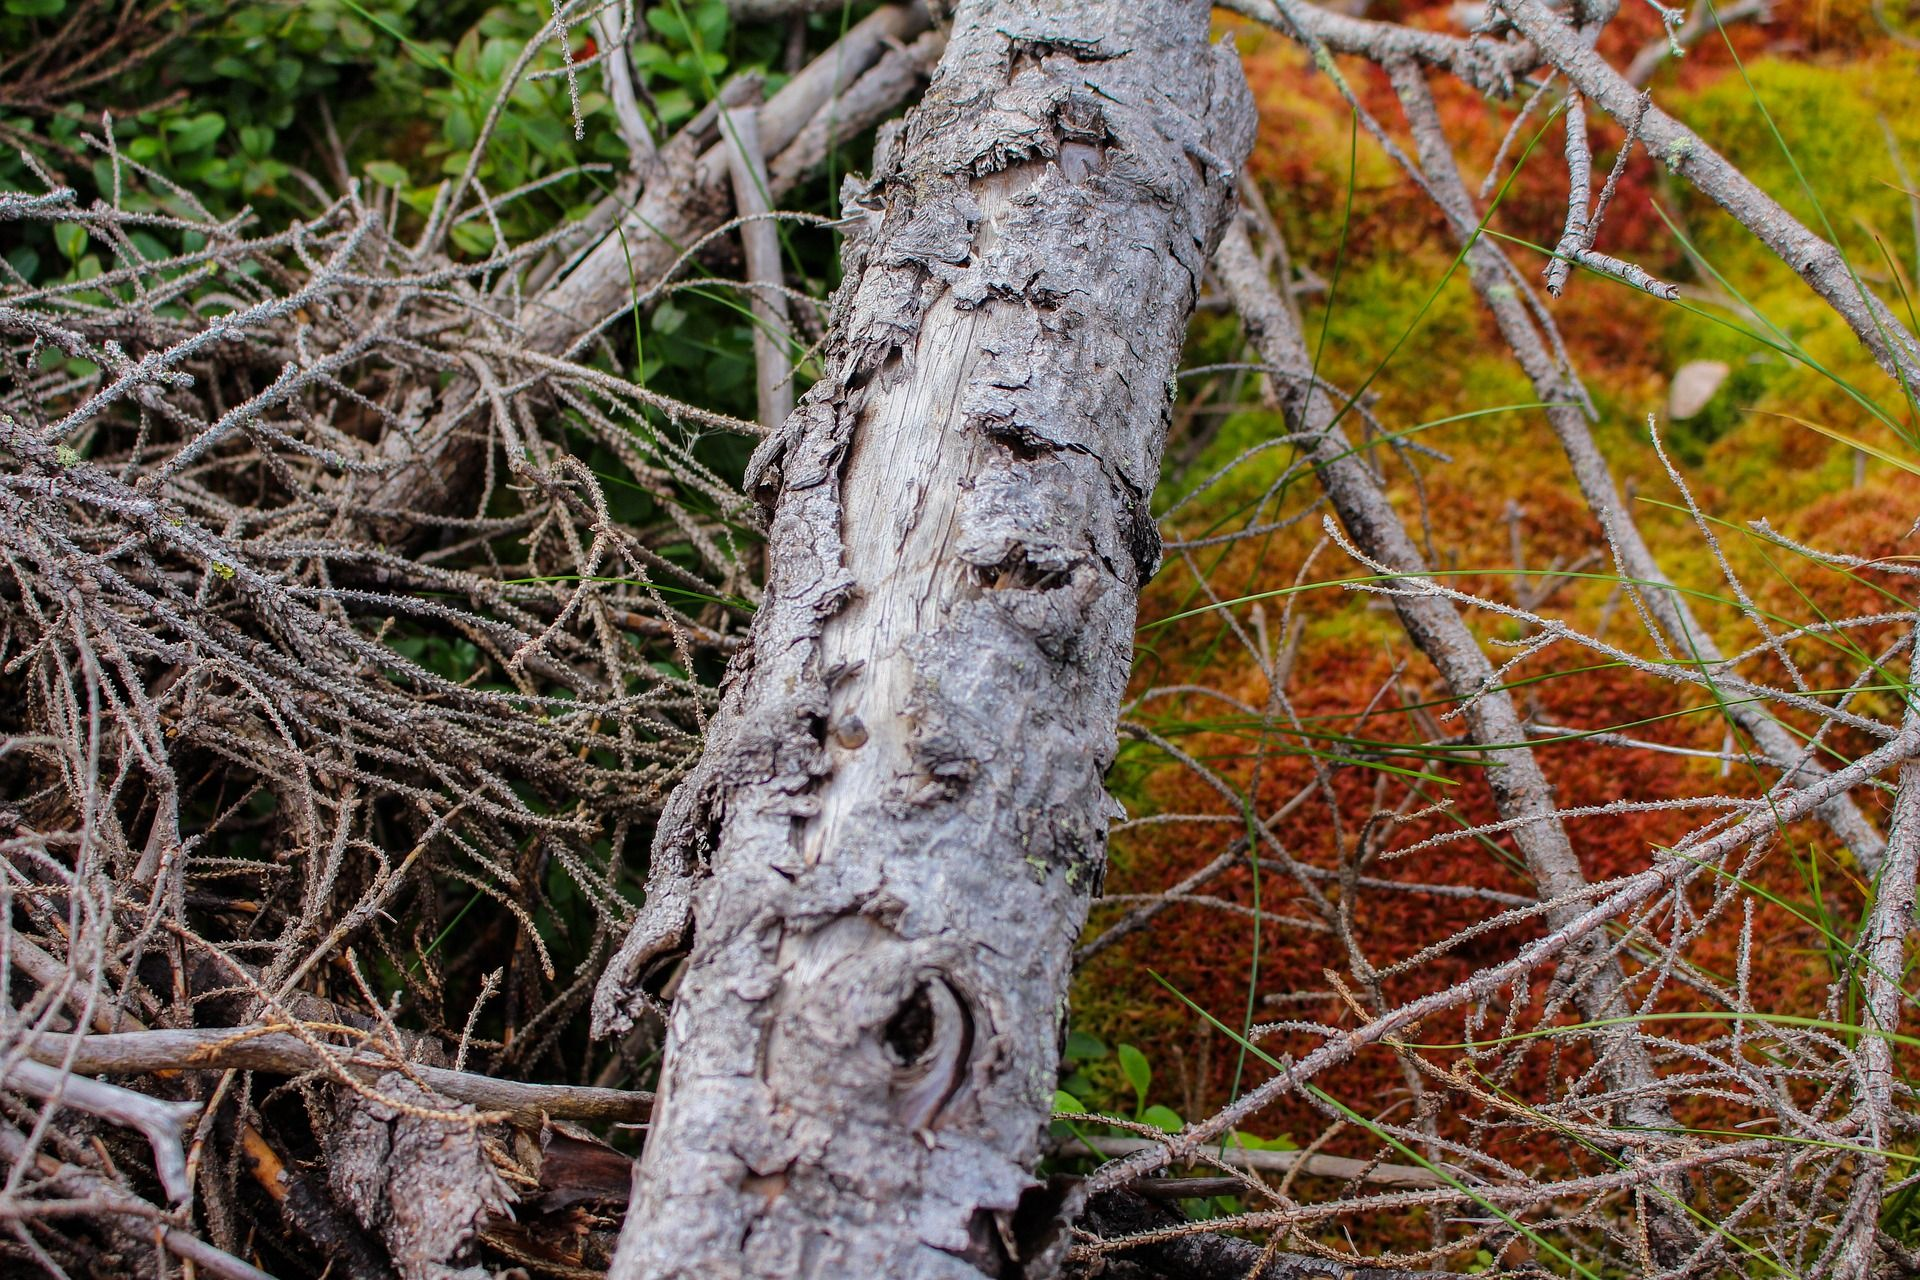 Ökosysteme hängen zusammen